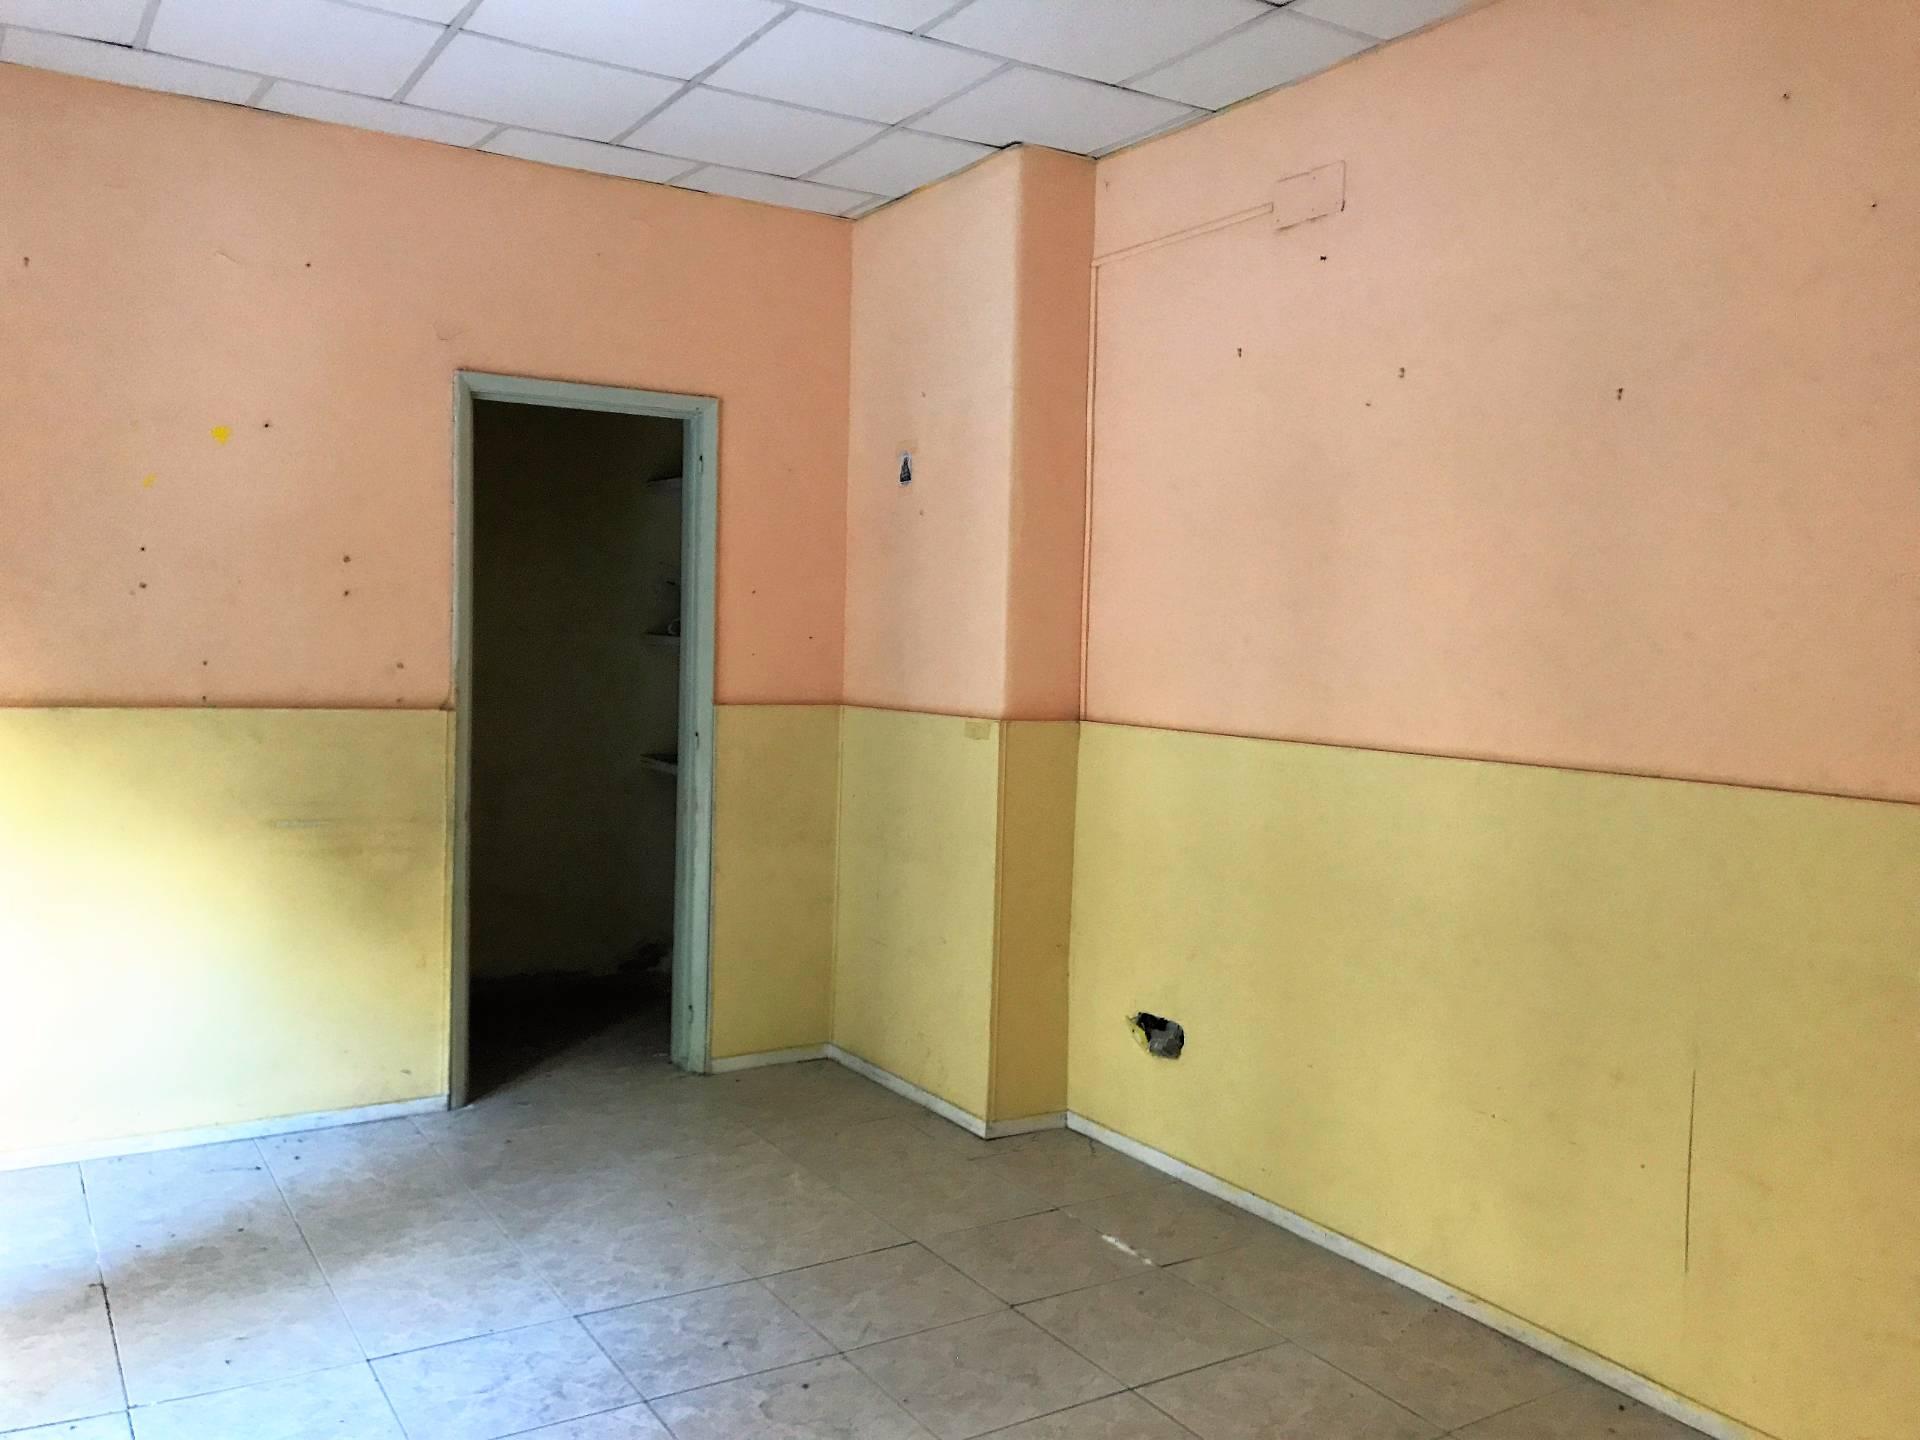 Negozio / Locale in affitto a Catania, 9999 locali, zona Località: PiazzaLanza, prezzo € 400 | CambioCasa.it